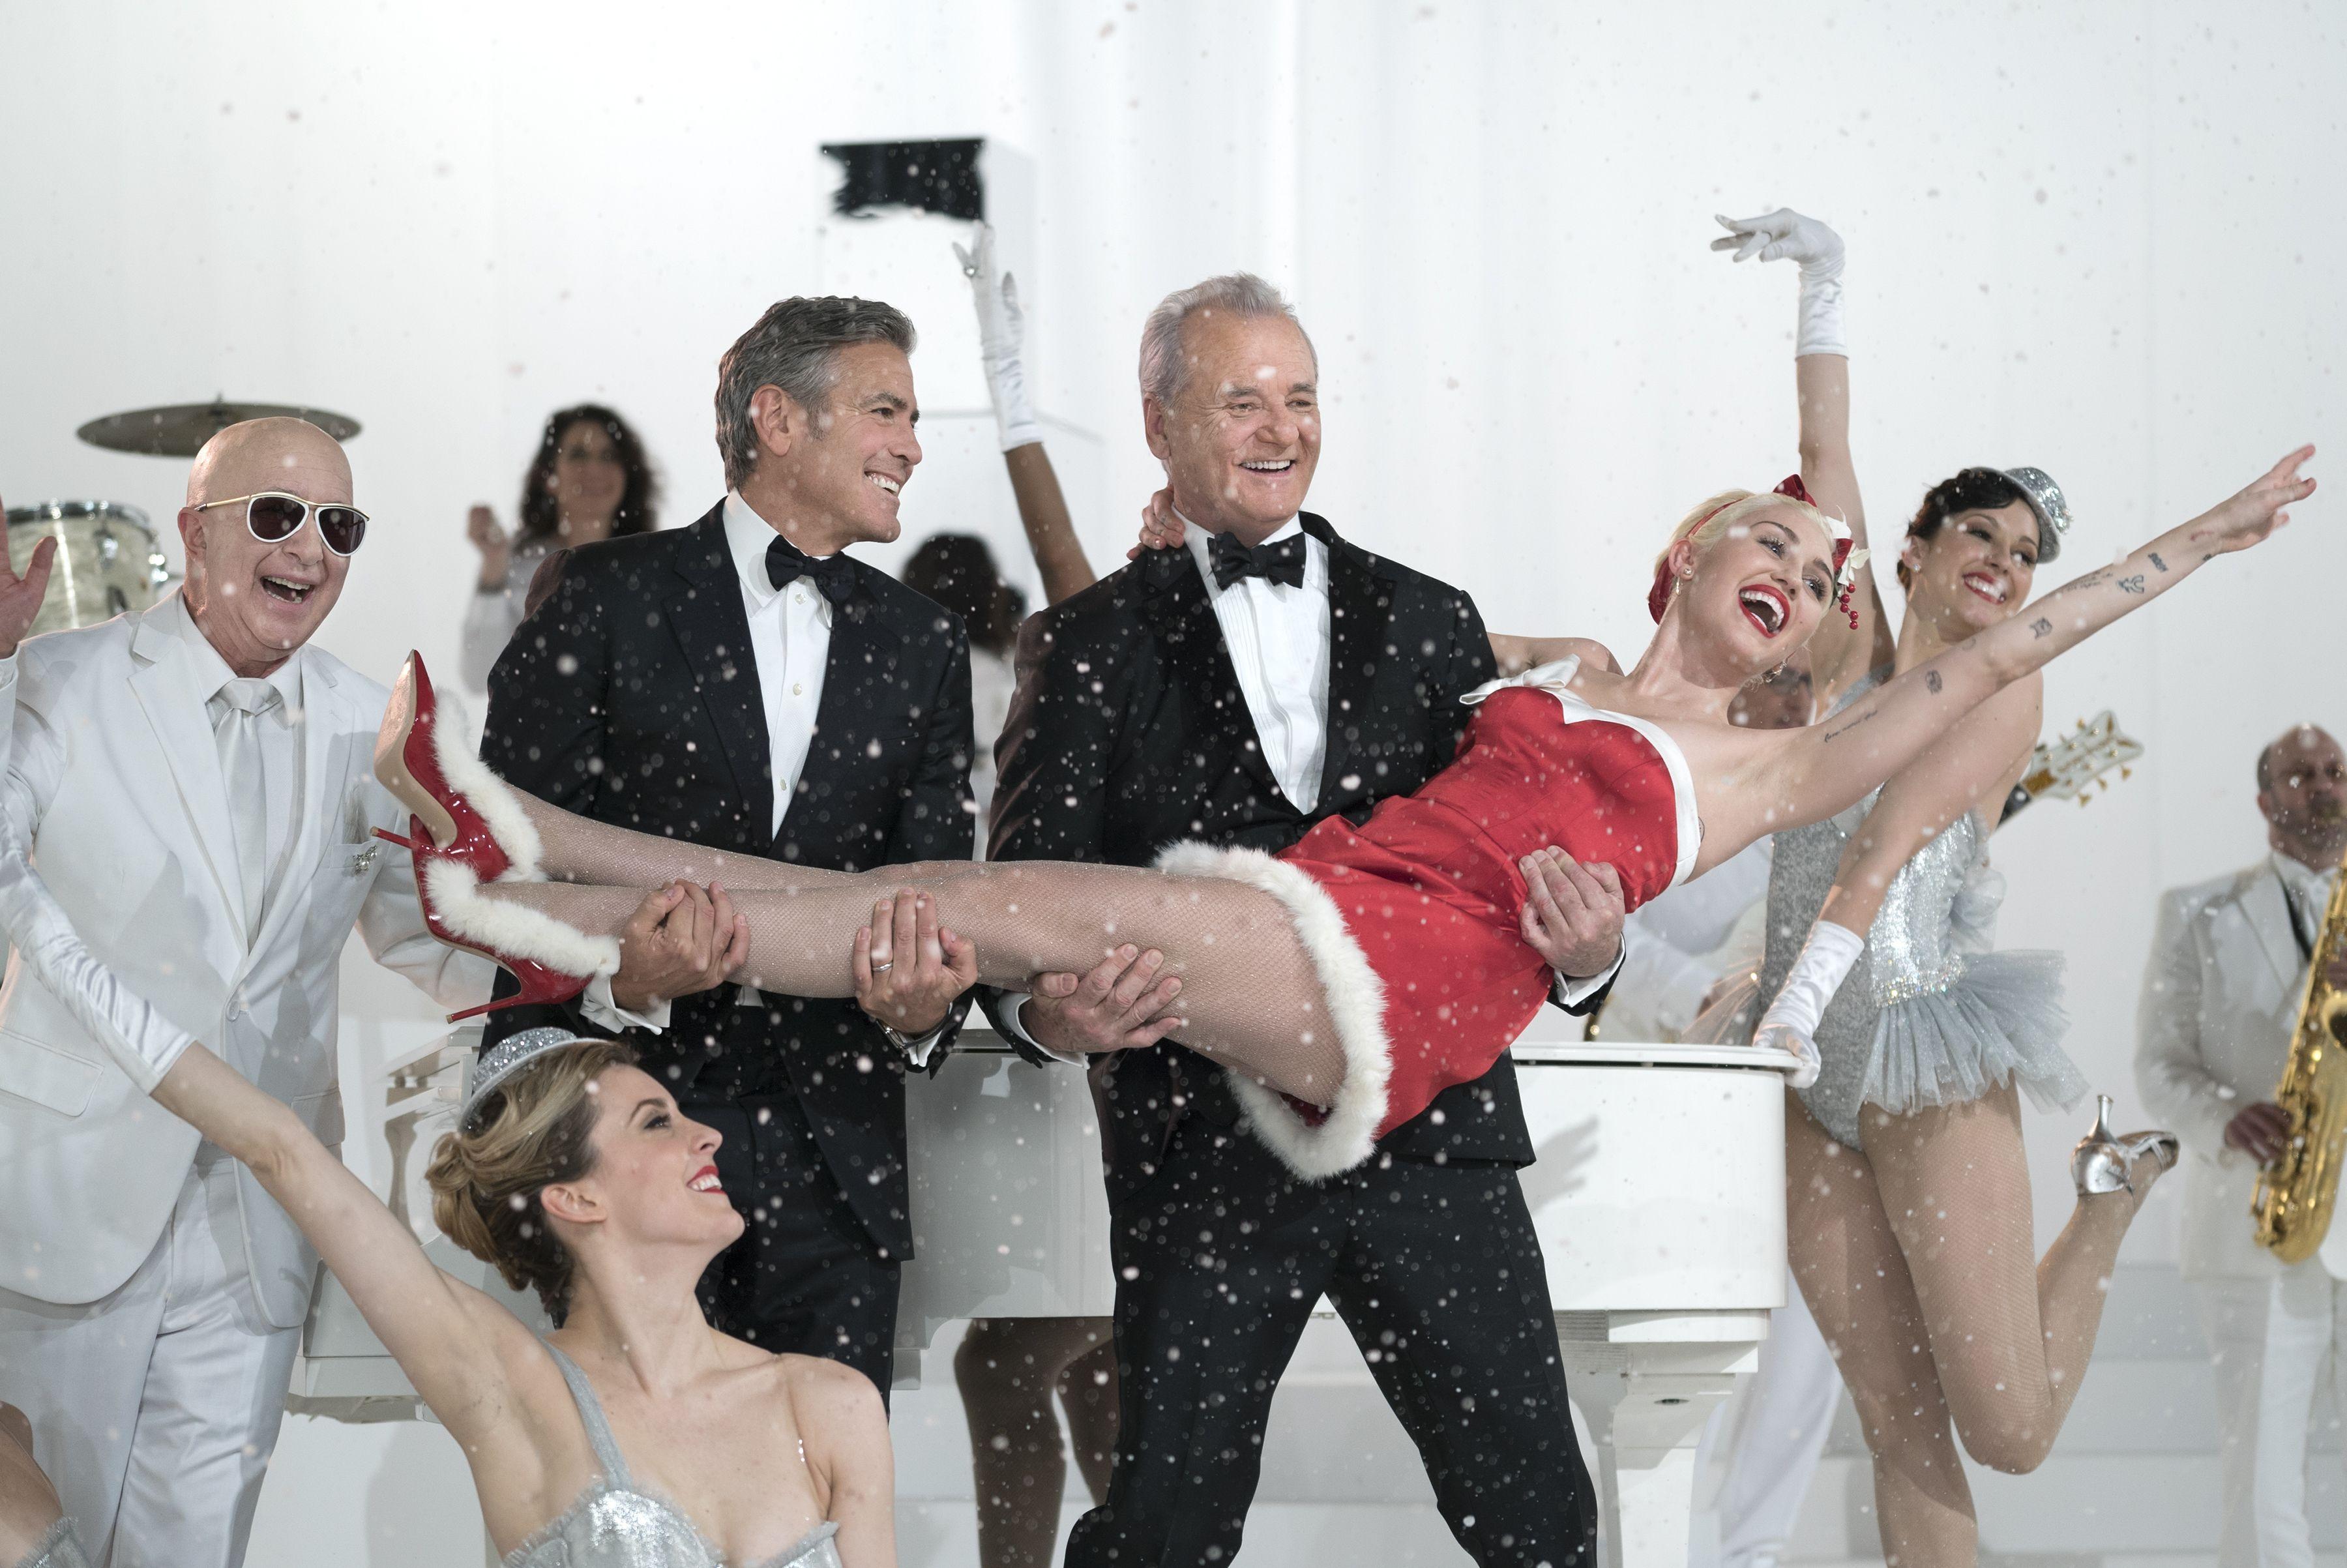 Com estreia marcada para 4 de dezembro, o especial de #Natal da Netflix, que tem Sofia Coppola como diretora, conta com Bill Murray, George Clooney, Miley Cyrus e Amy Poehler no elenco. Foto: Ali Goldstein/Netflix.